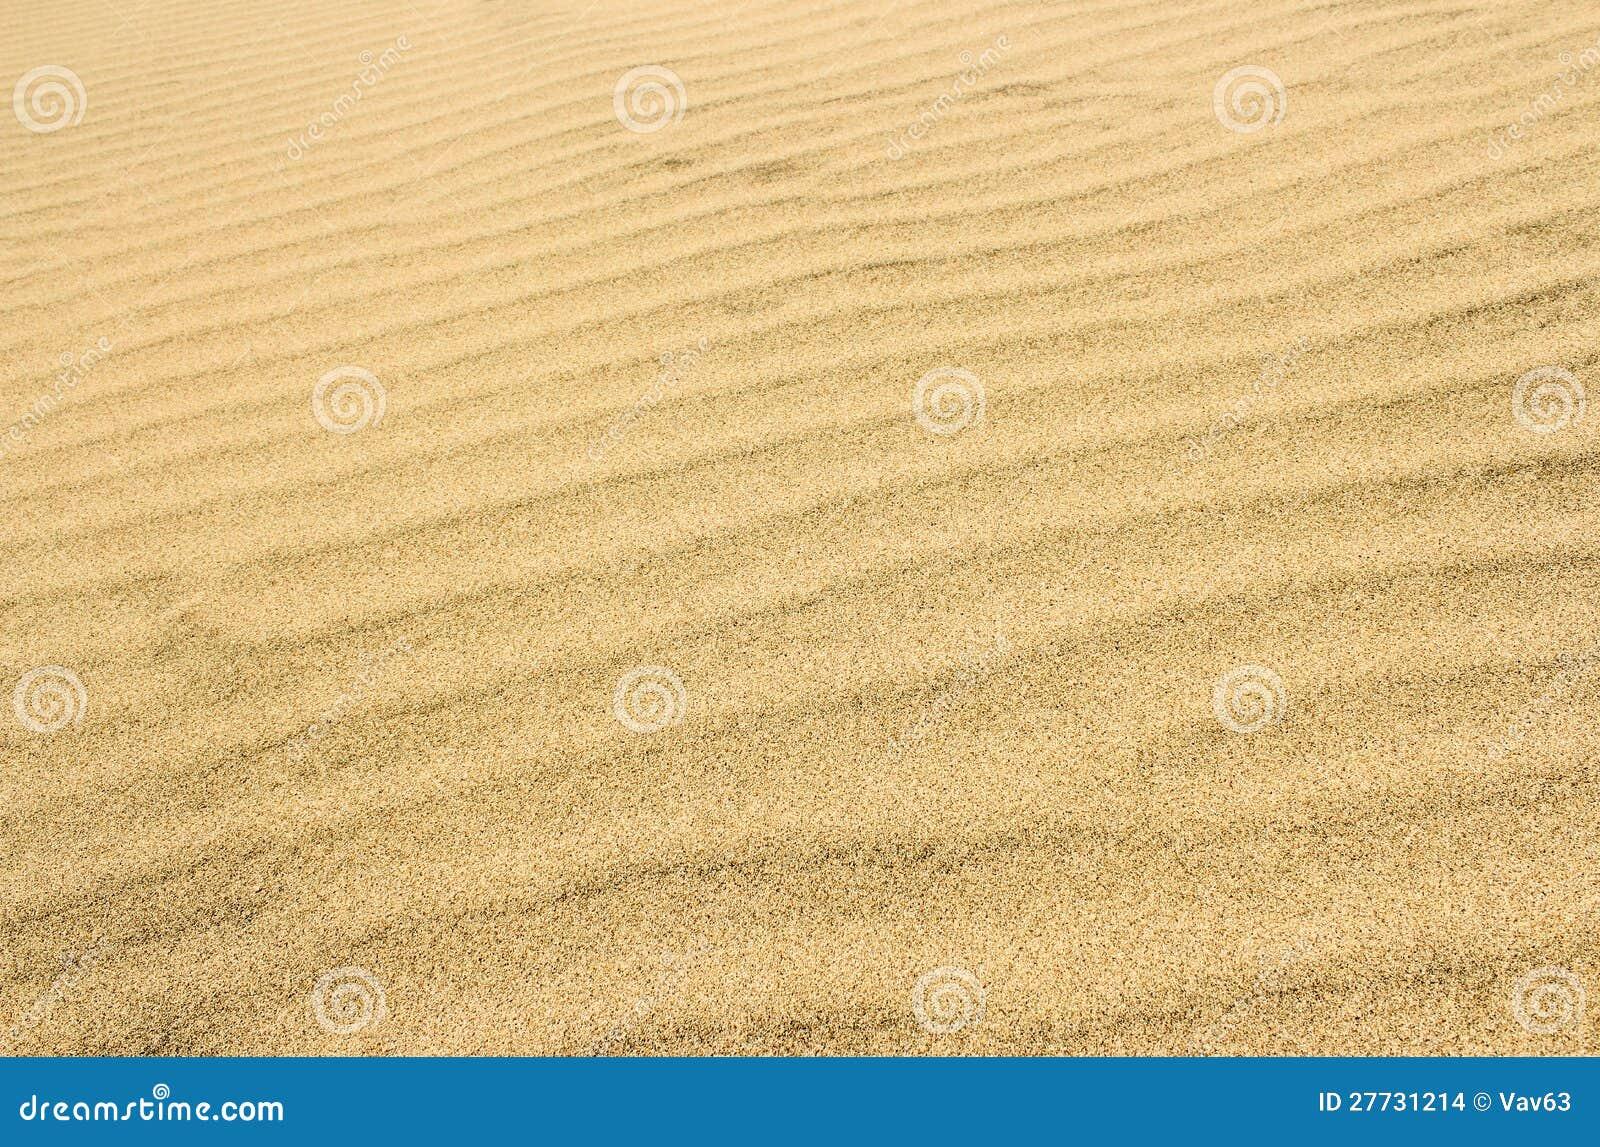 Die Oberfläche der sandigen Wüste